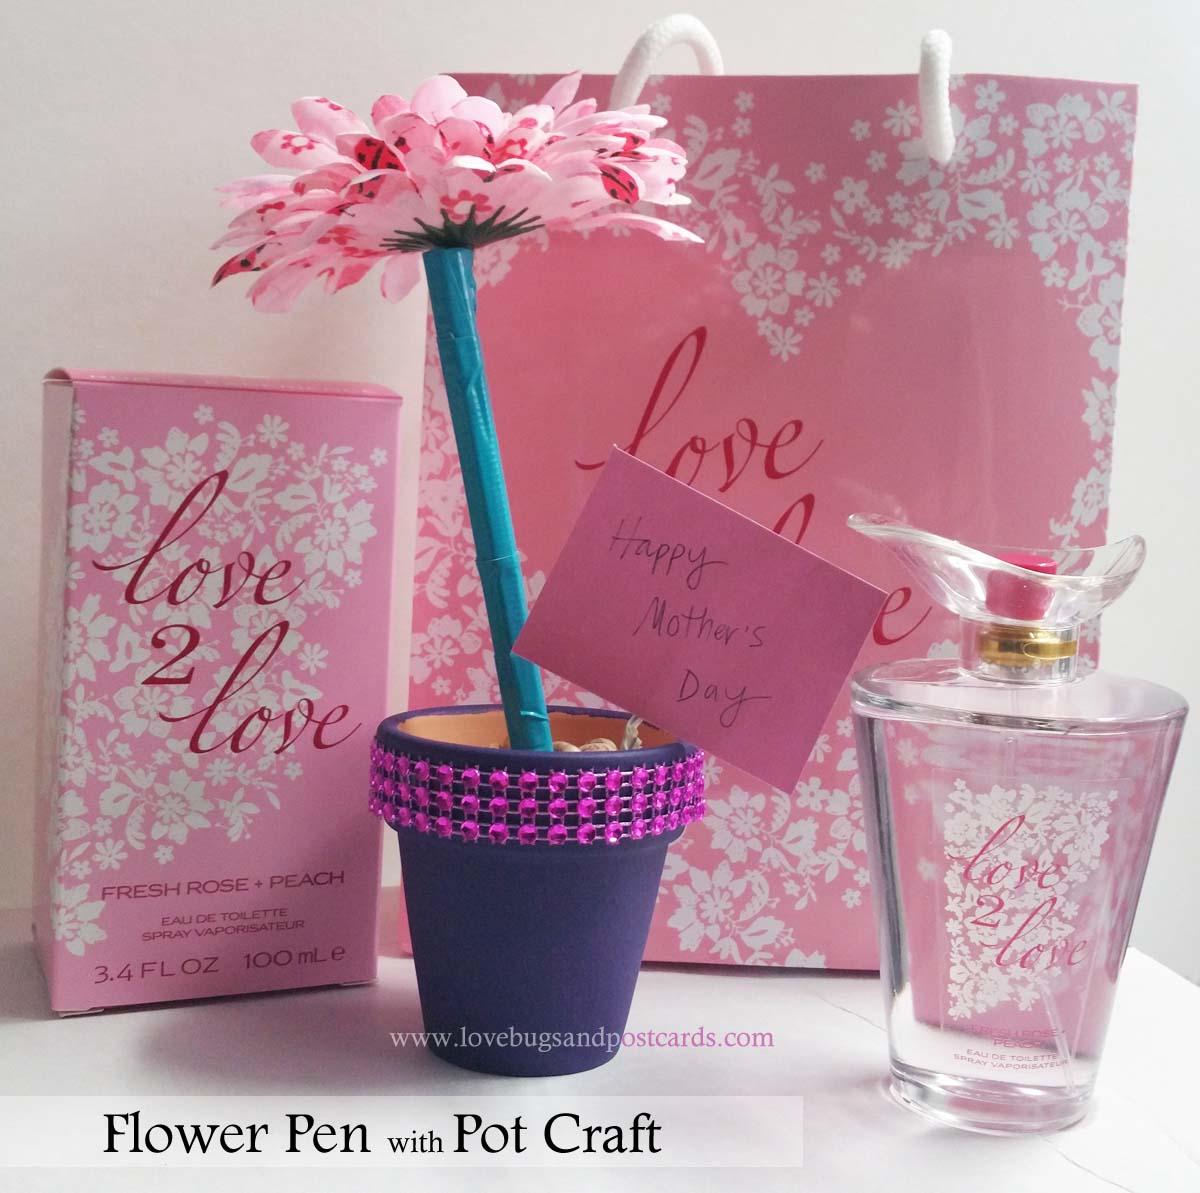 Flower Pen and Pot Craft